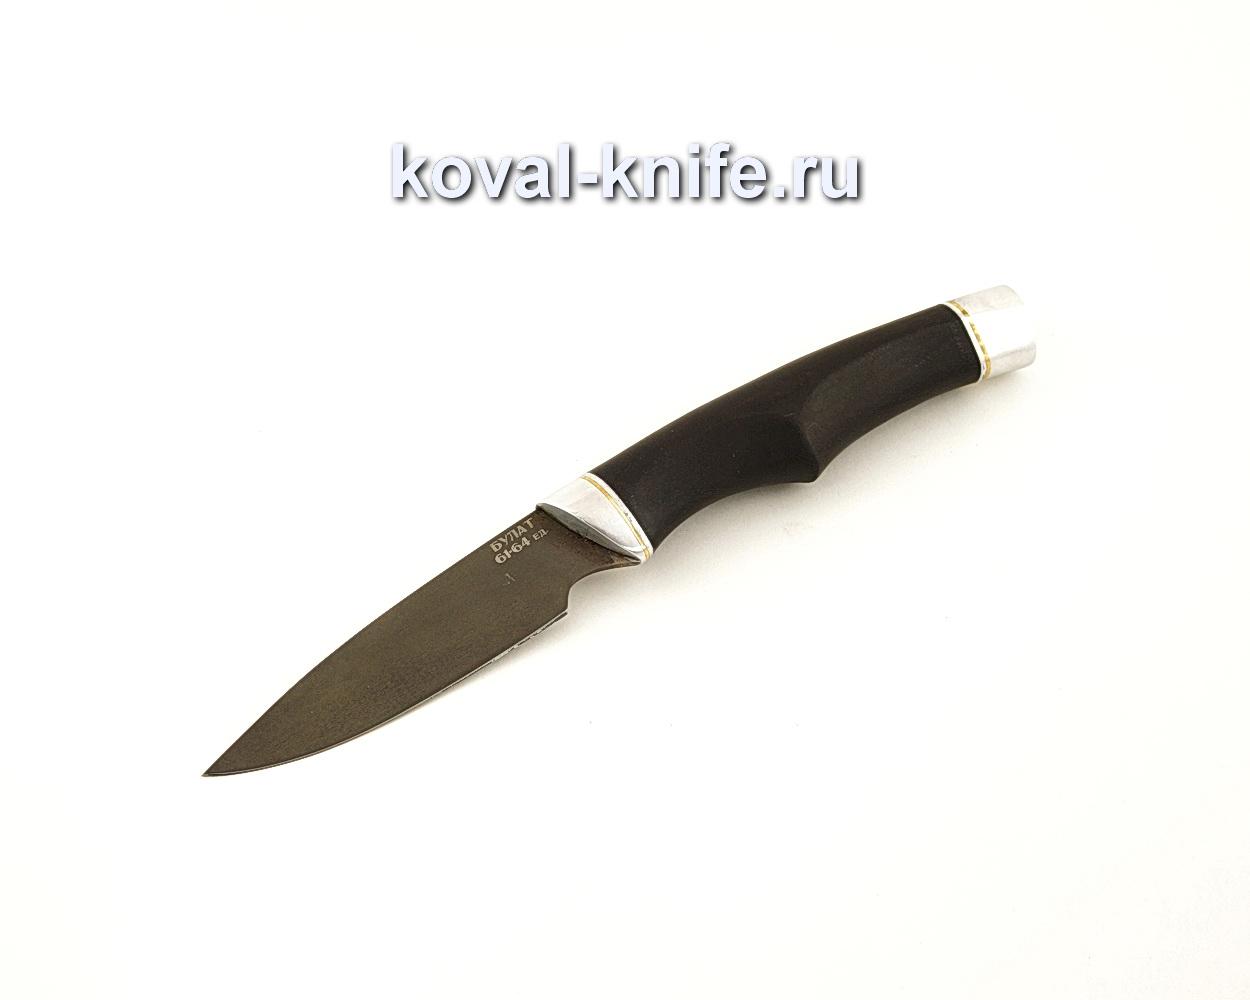 Нож Нырок из булатной стали с рукоятью из черного граба  A653